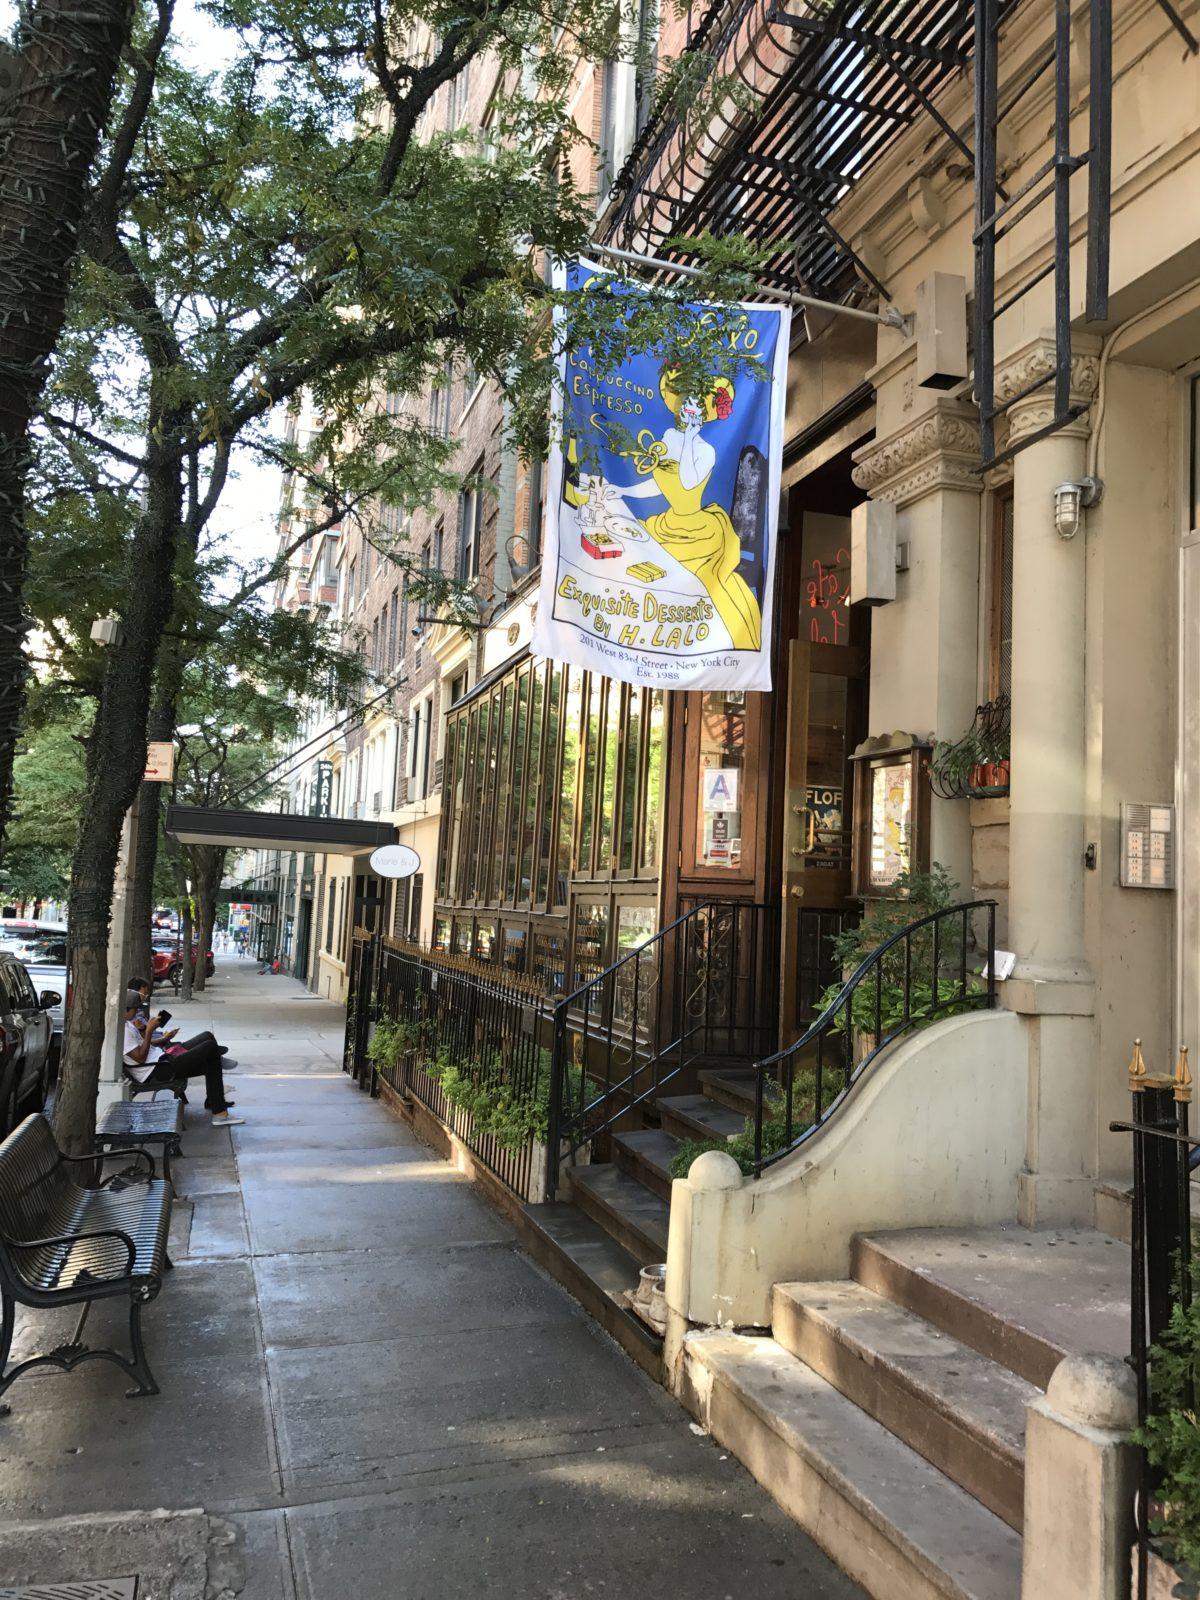 夏休み2017~アメリカ旅行!~ニューヨークpart3アッパーウエストサイドおしゃれカフェ対決